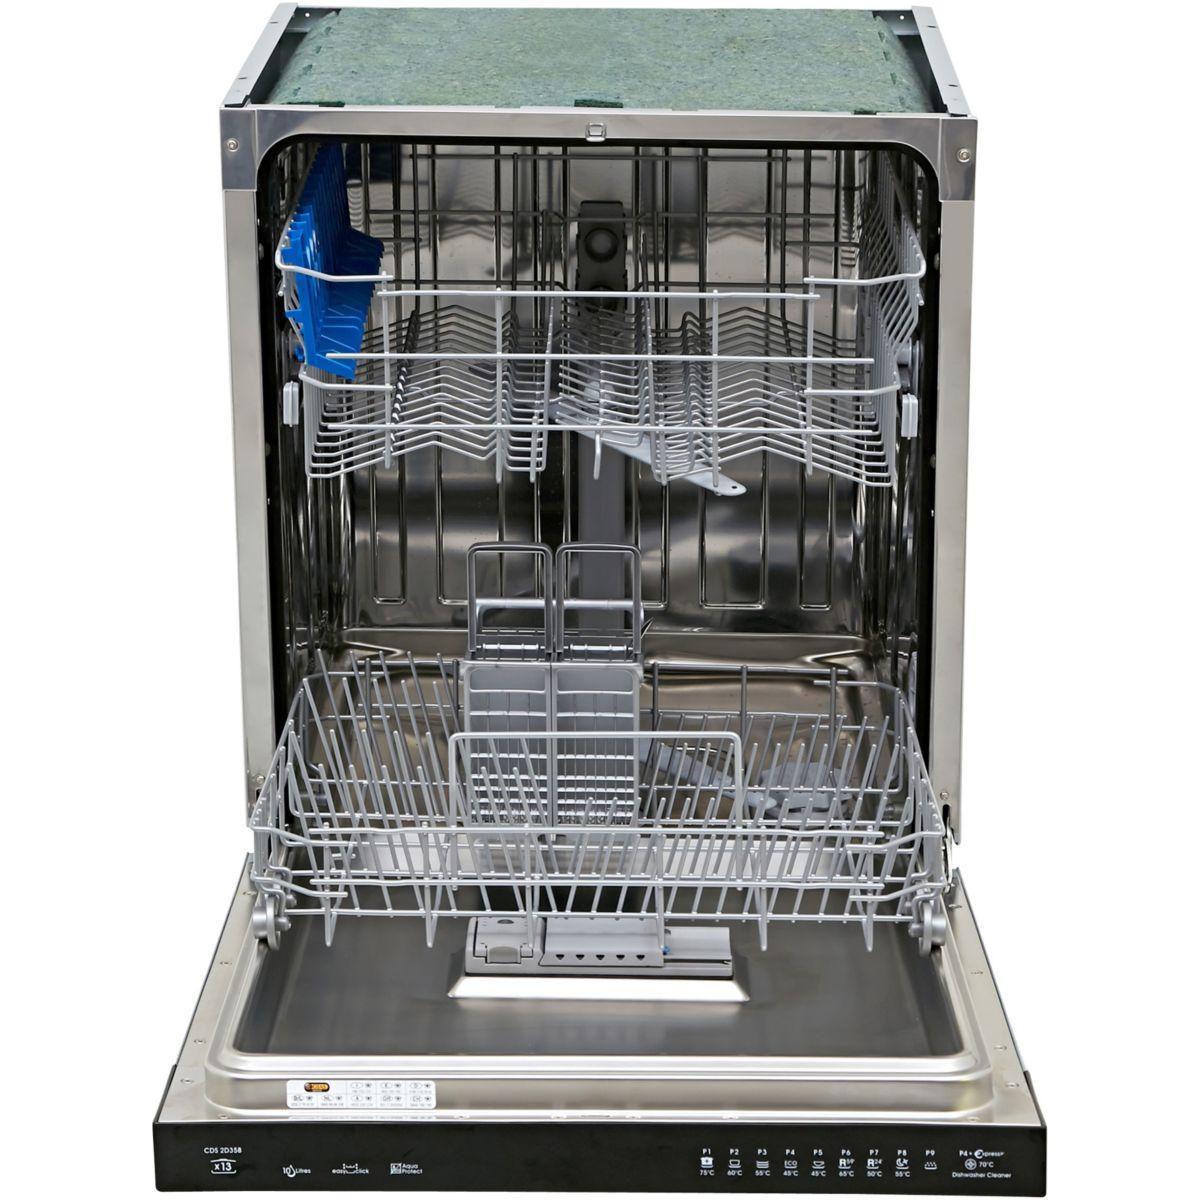 lave vaisselle encastrable 60 cm candy cds2d35b 13. Black Bedroom Furniture Sets. Home Design Ideas